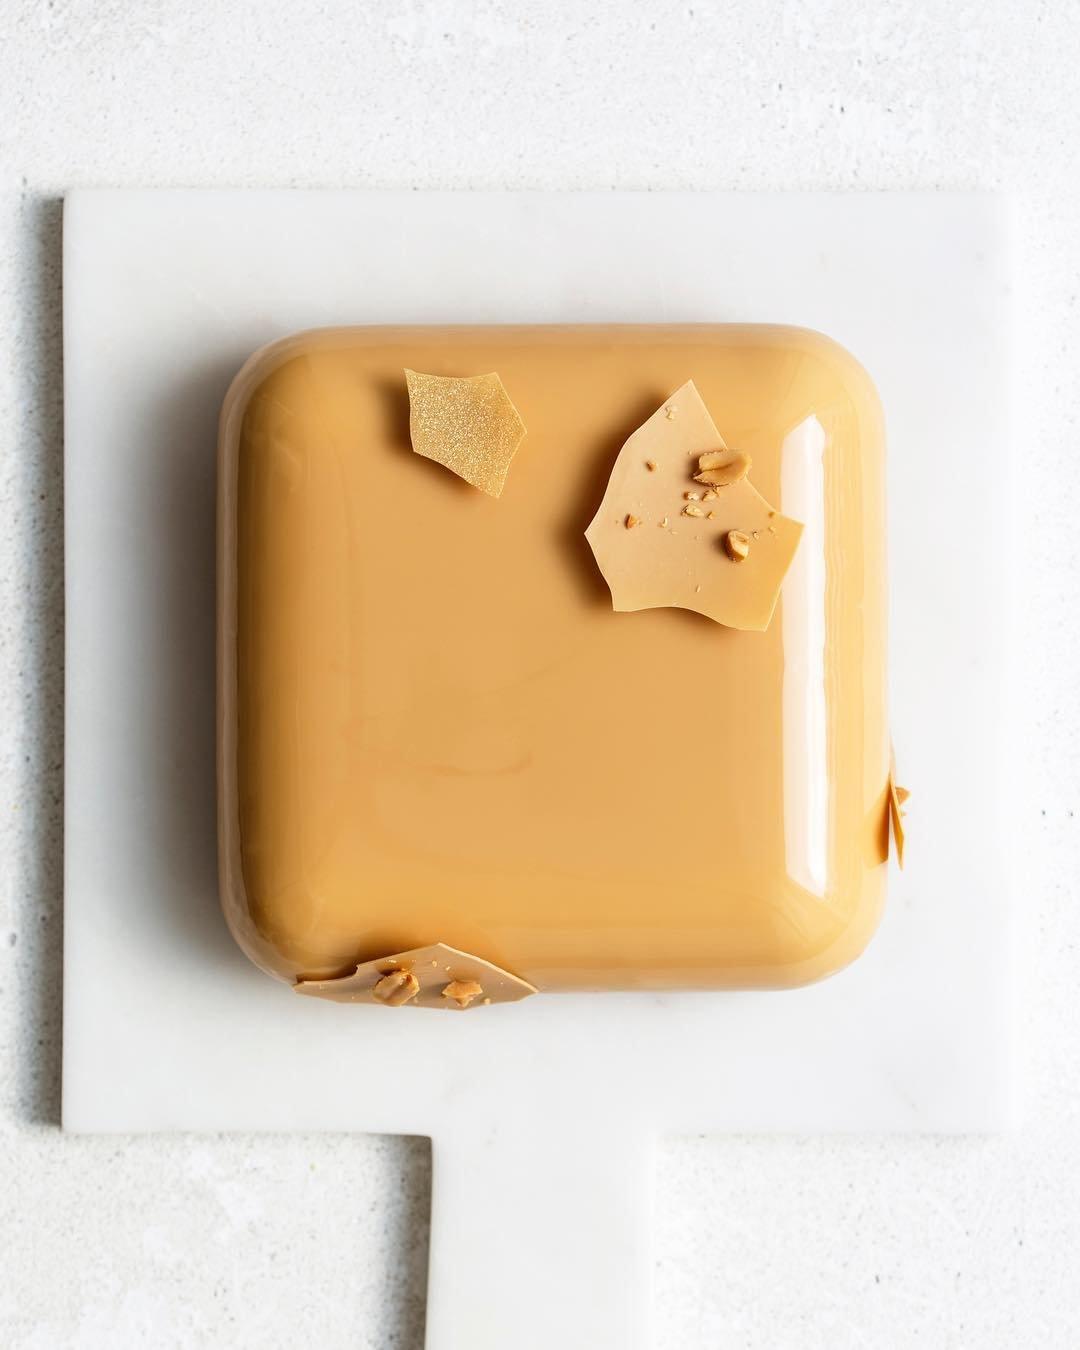 Впечатляющие сладкие творения датского кондитера